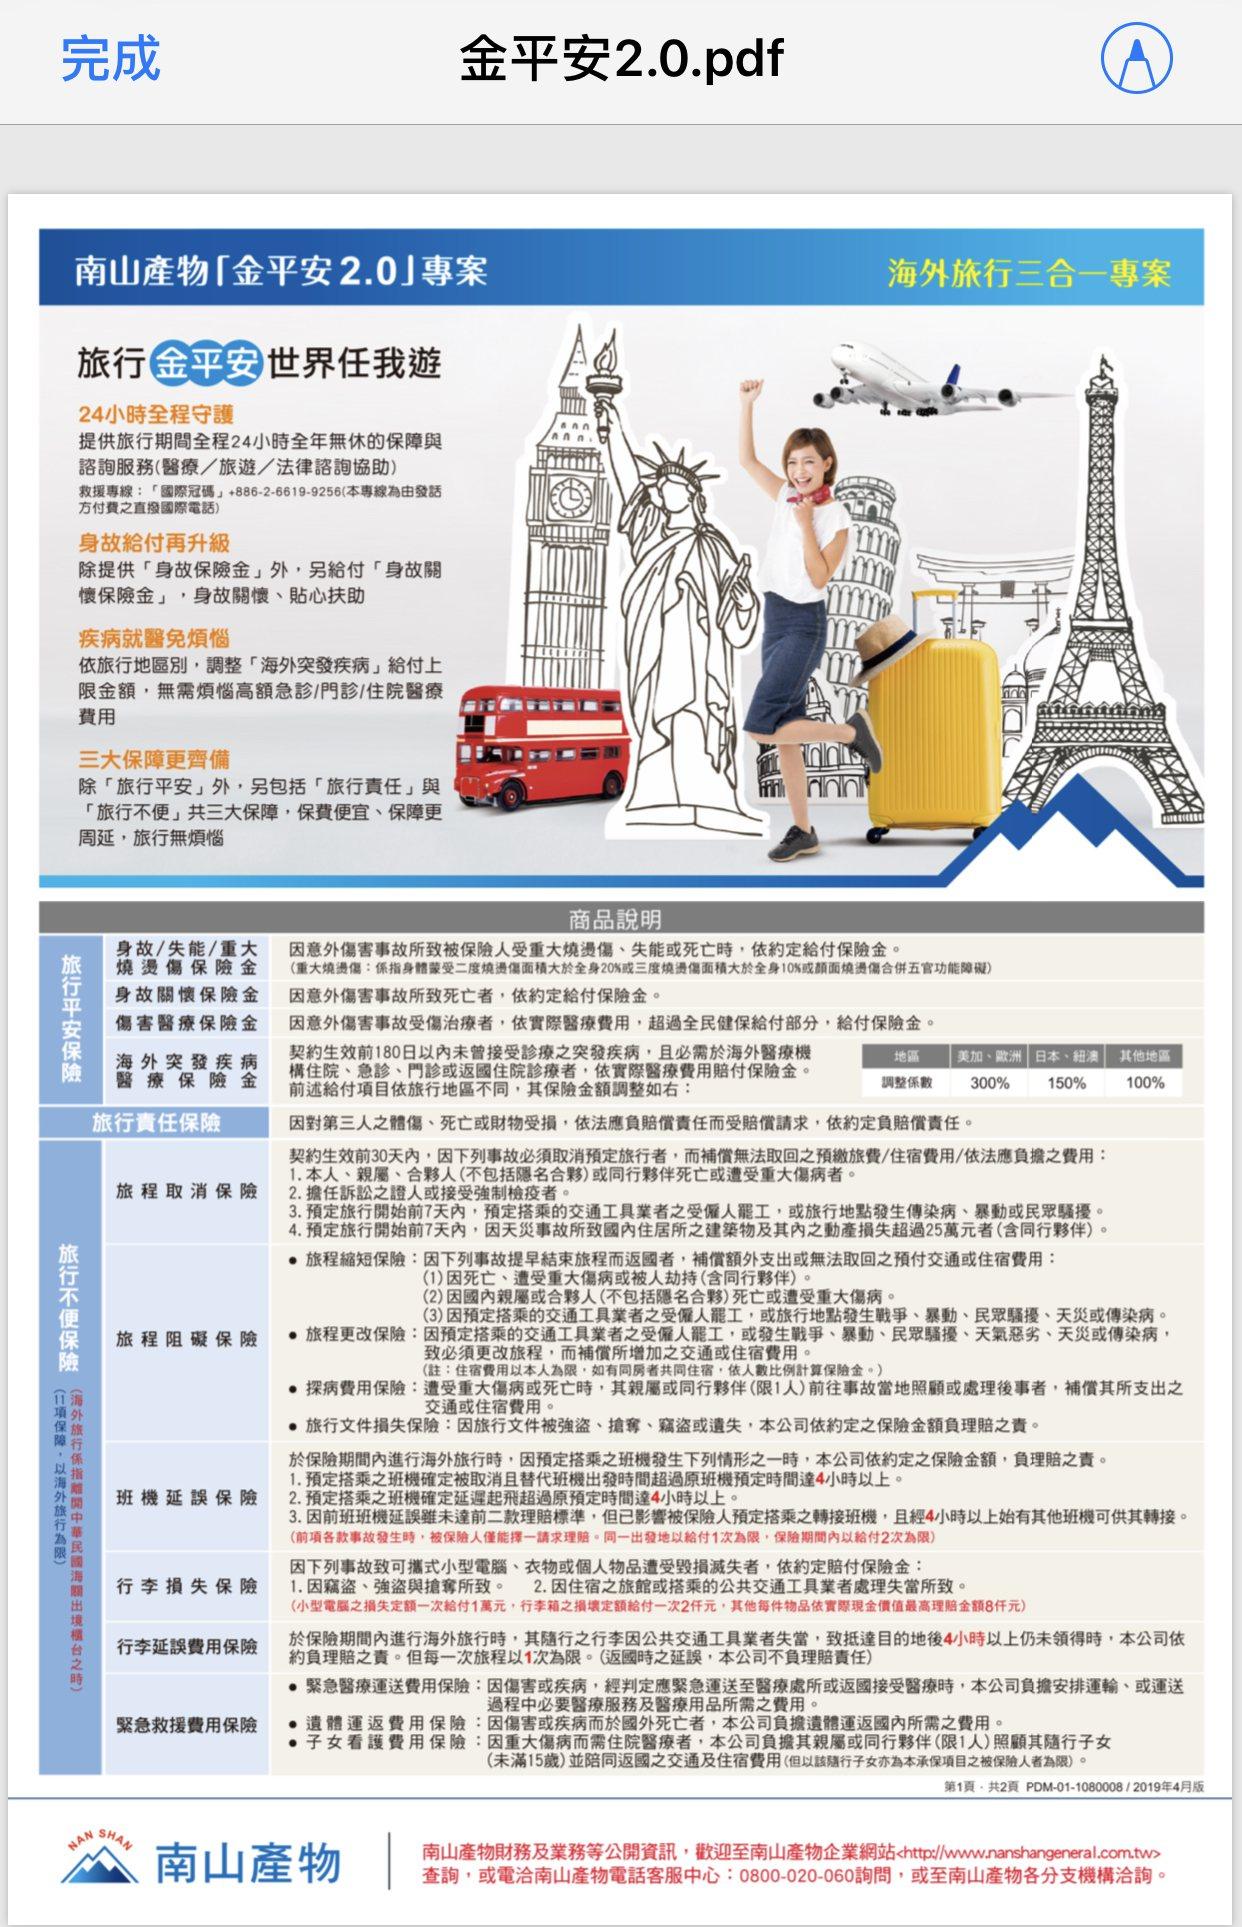 網紅蔡阿嘎最近拍了一支影片,說他帶員工到廣島旅遊,因為遇到颱風,當場從五天四夜遊...